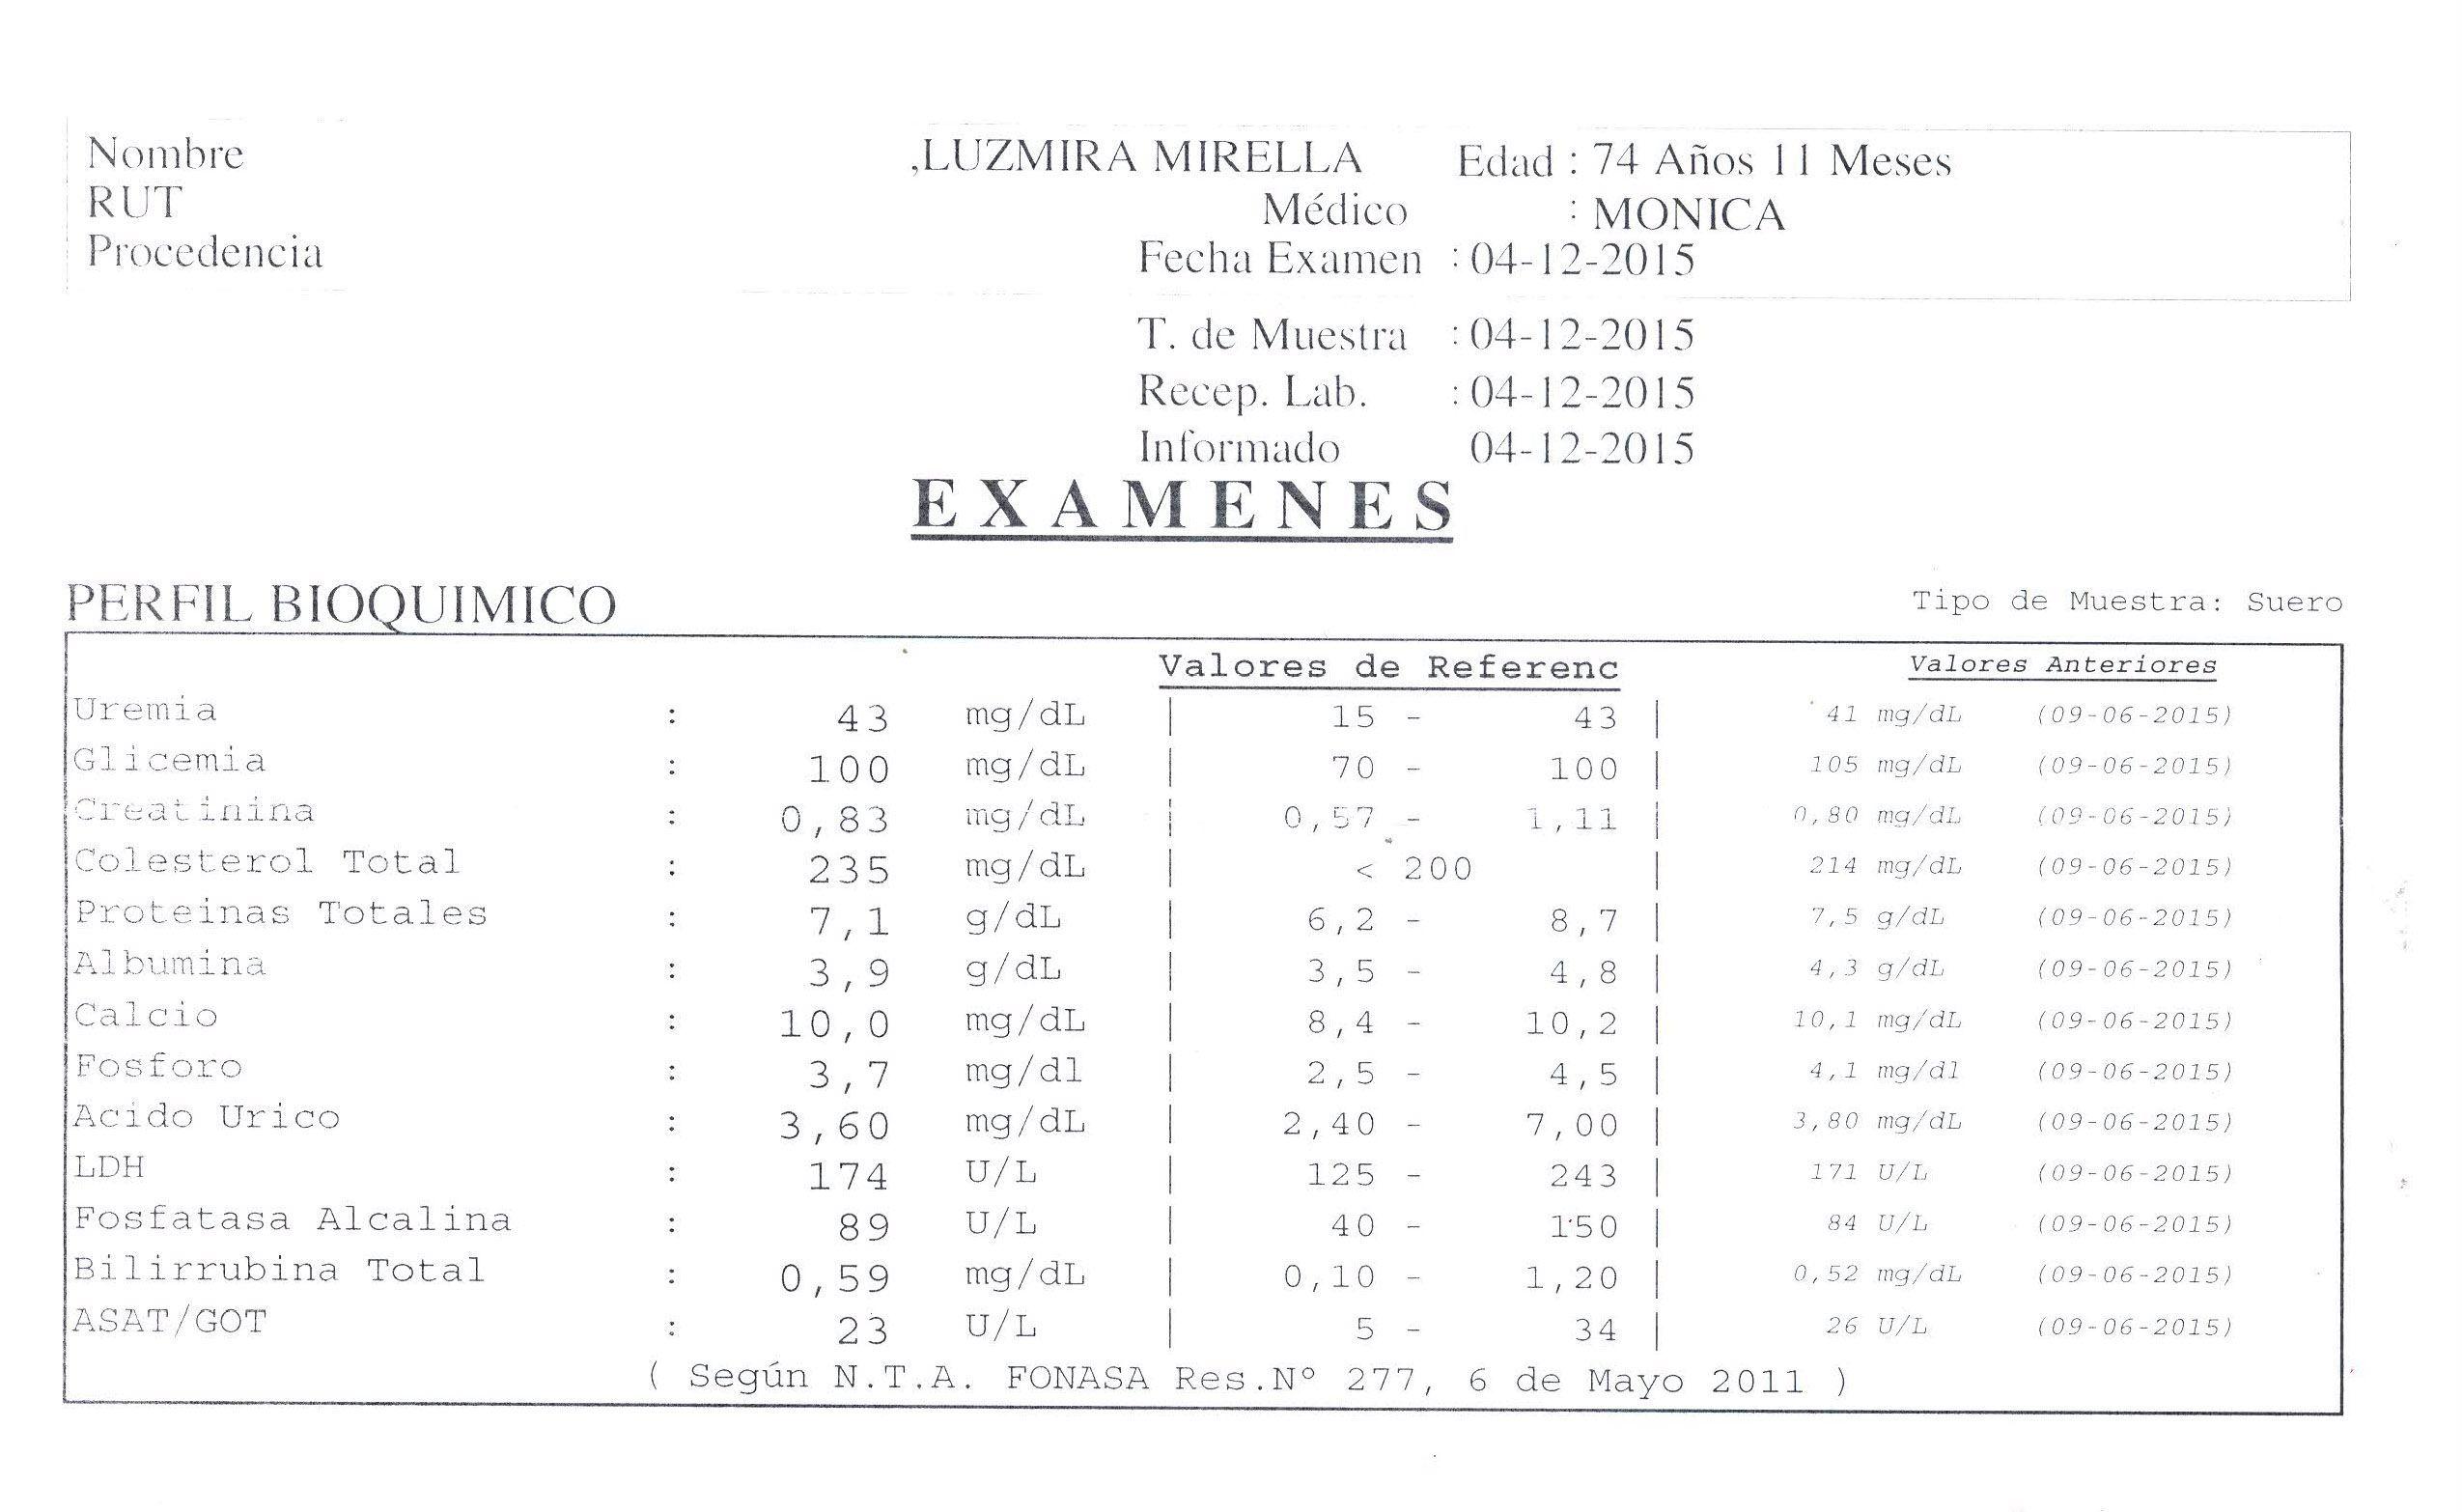 LifEscozul® - Luzmira 2 - Cáncer Gástrico Intestinal